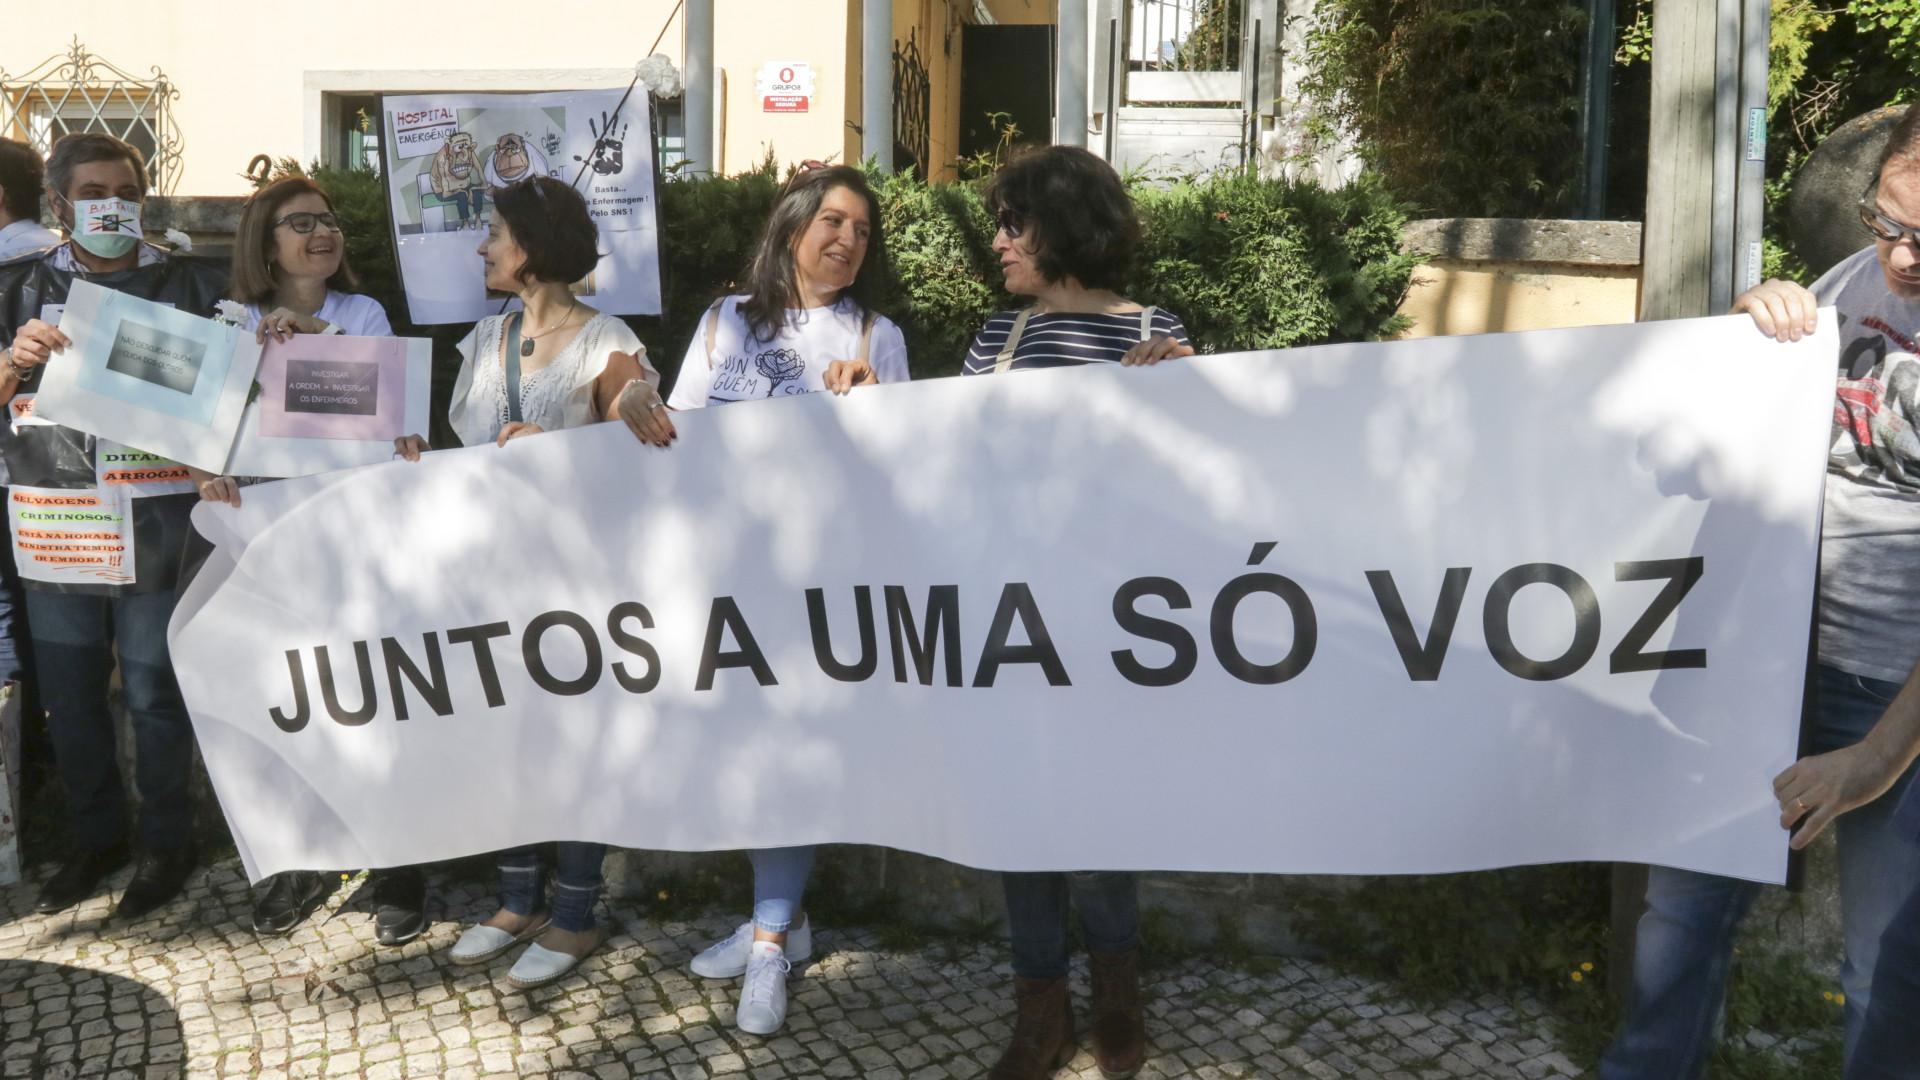 968dab91a O Sindicato dos Enfermeiros Portugueses (SEP) anunciou hoje, no Porto, que  vai promover uma petição pública para que a carreira de enfermagem, ...